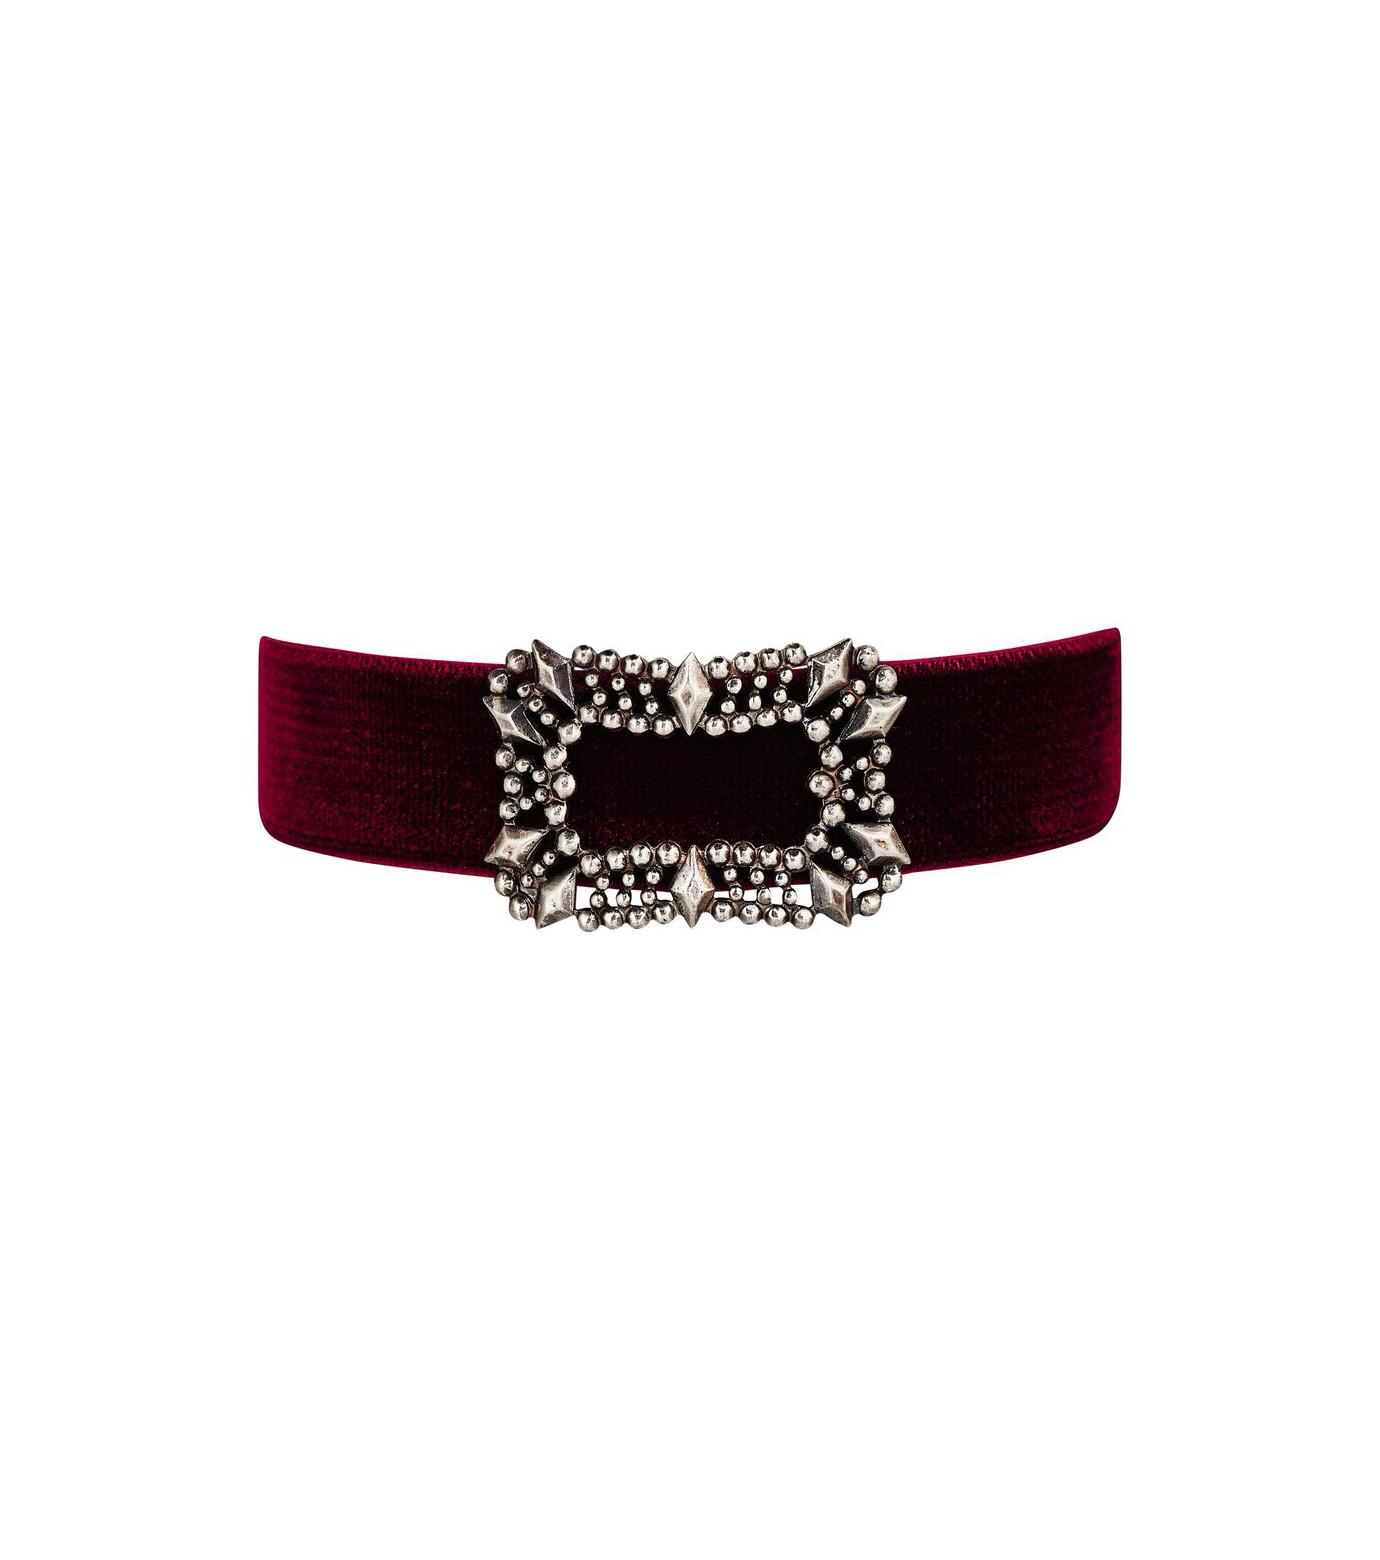 Fallon(ファロン)のToria Buckle Velvet Choker-BORDEAUX(ネックレス/necklace)-FN21666-63 拡大詳細画像1